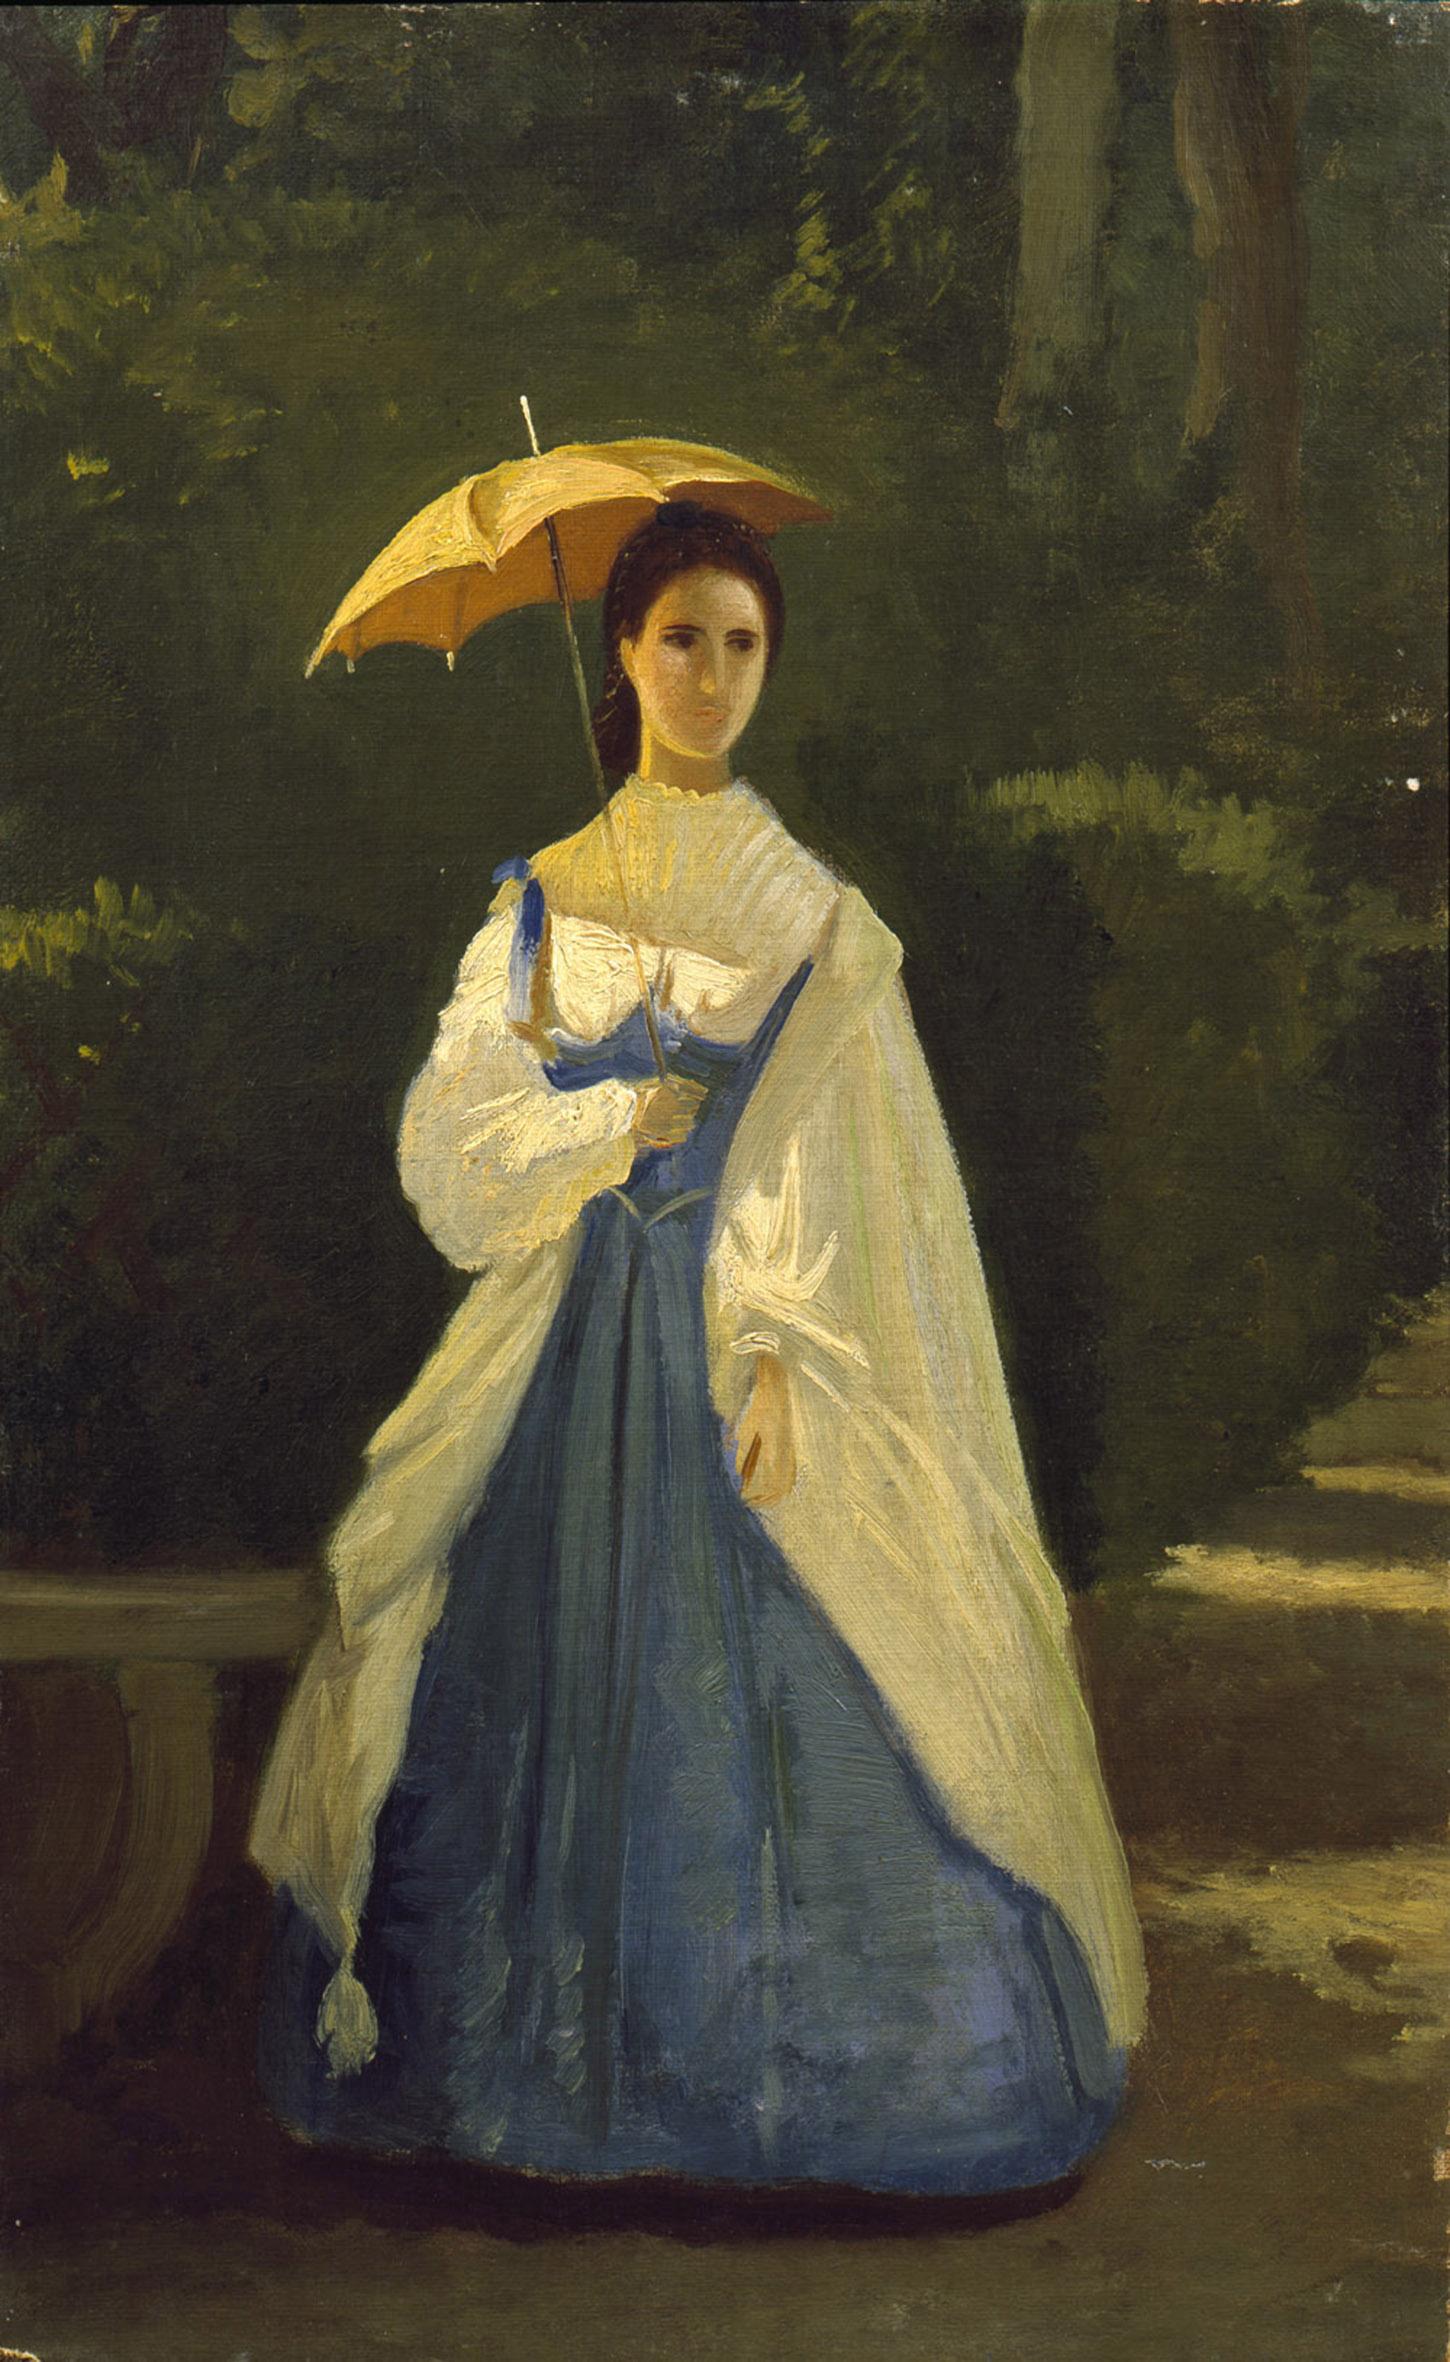 Vito D'Ancona, Signora in giardino, 1861 - coll. privata